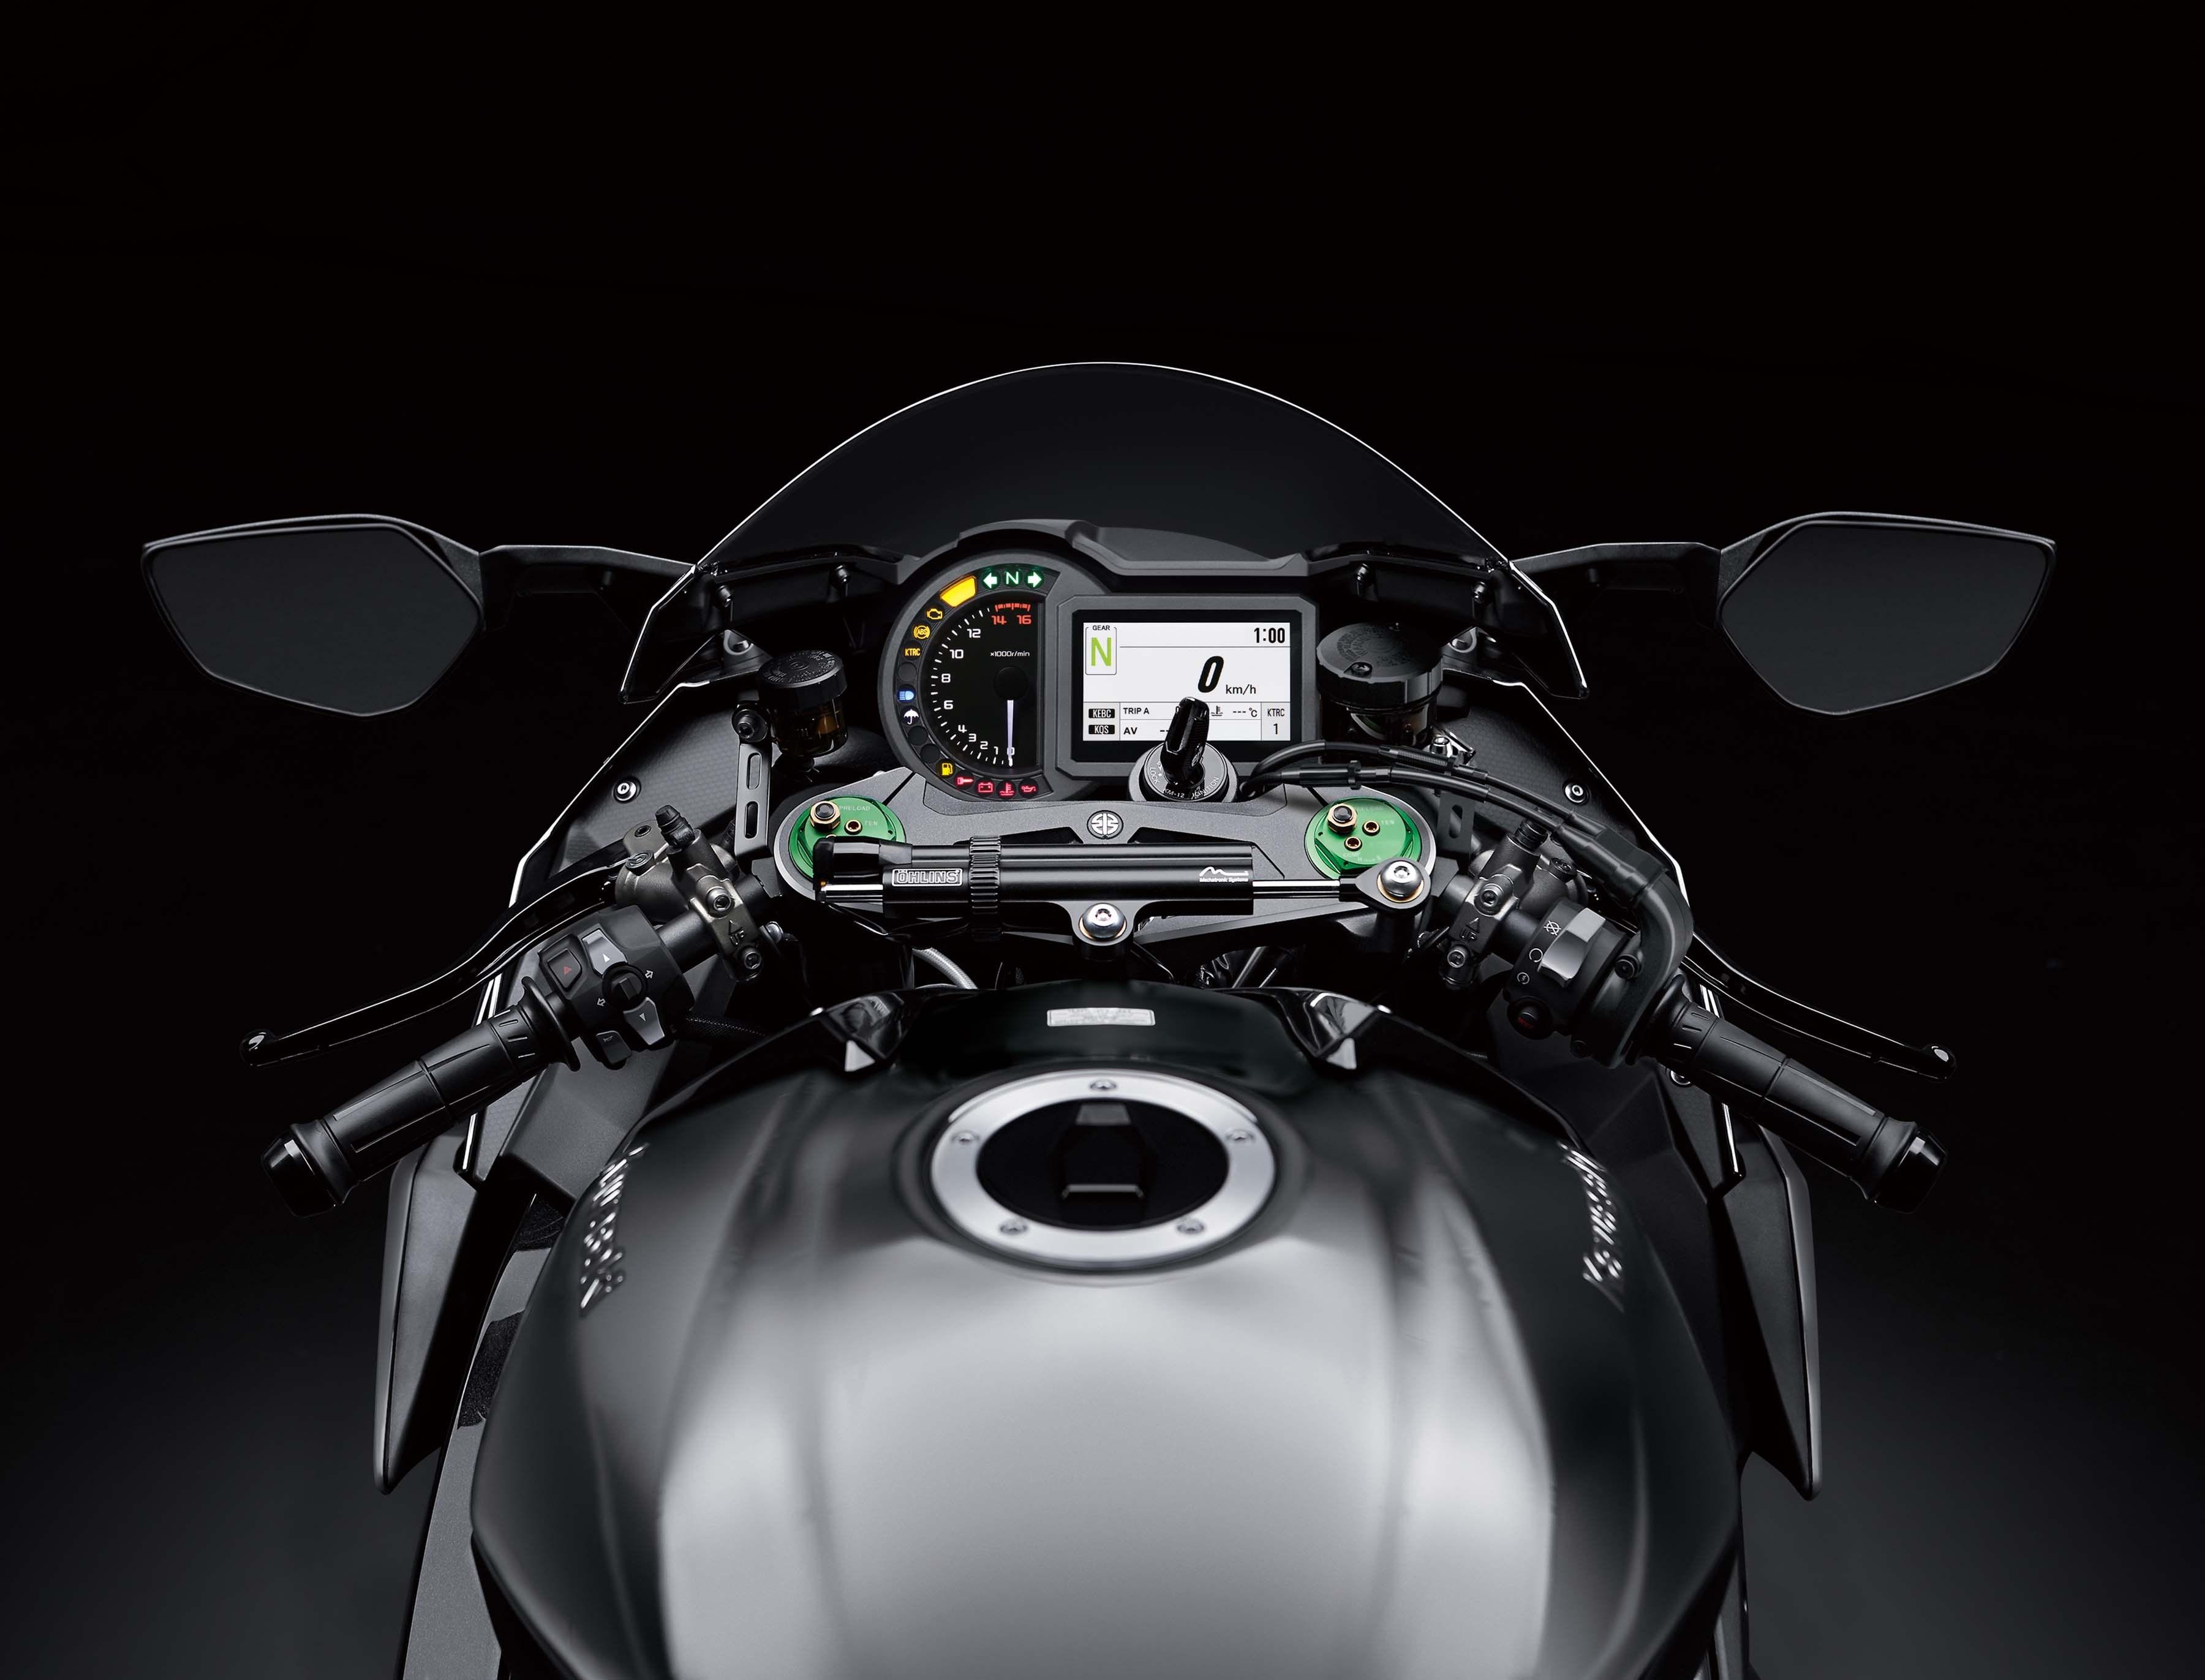 Kawasaki nâng cấp Ninja H2 2019 thành superbike mạnh nhất thế giới